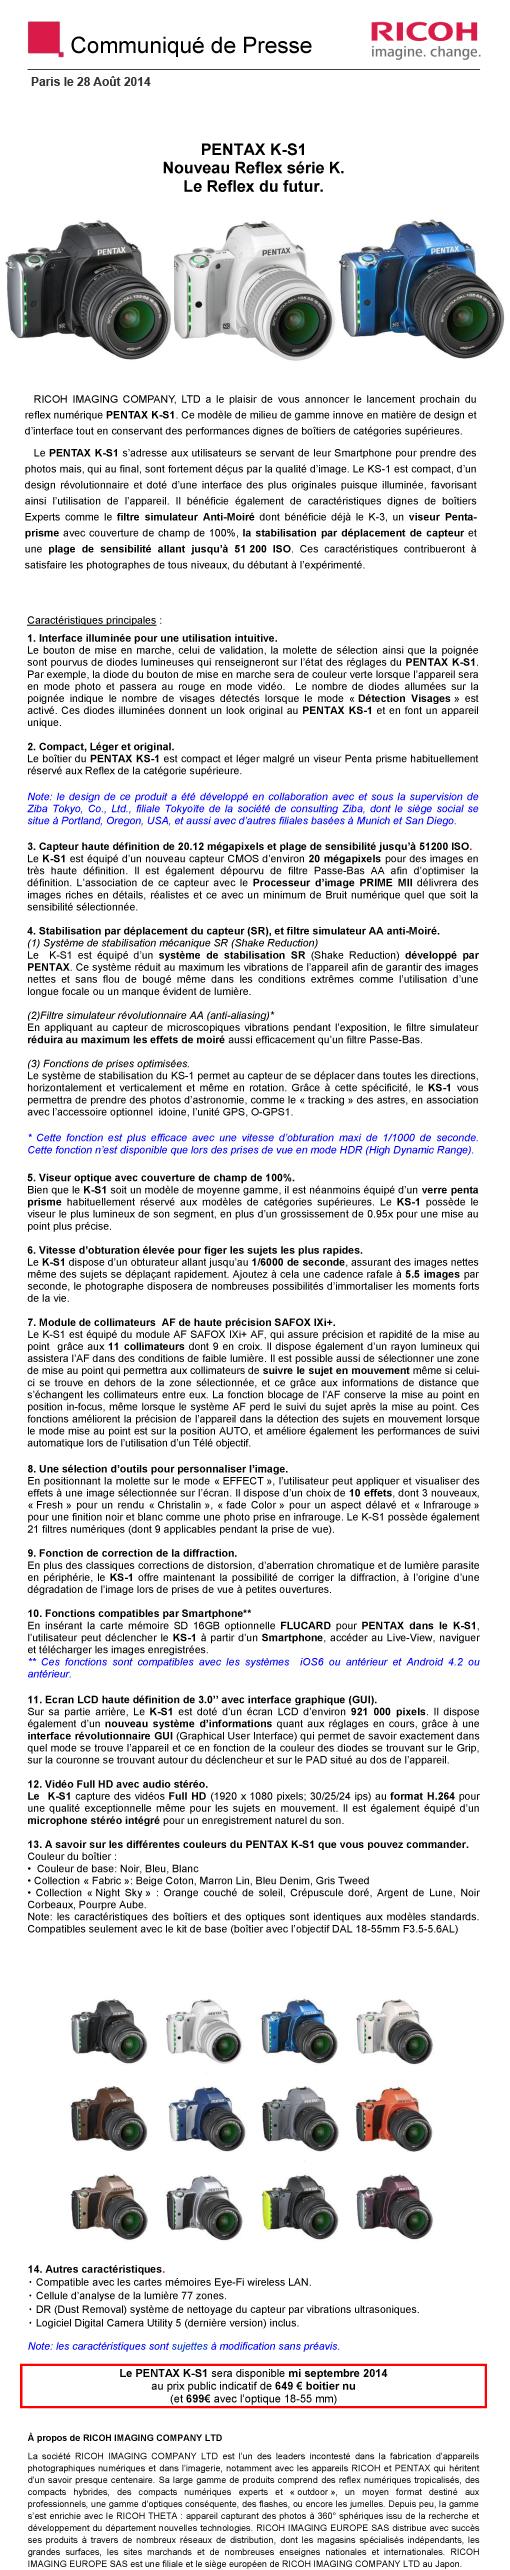 PENTAX RICOH IMAGING - Communiqué de Presse 28/08/2014 - K-S1 Vx6p8X